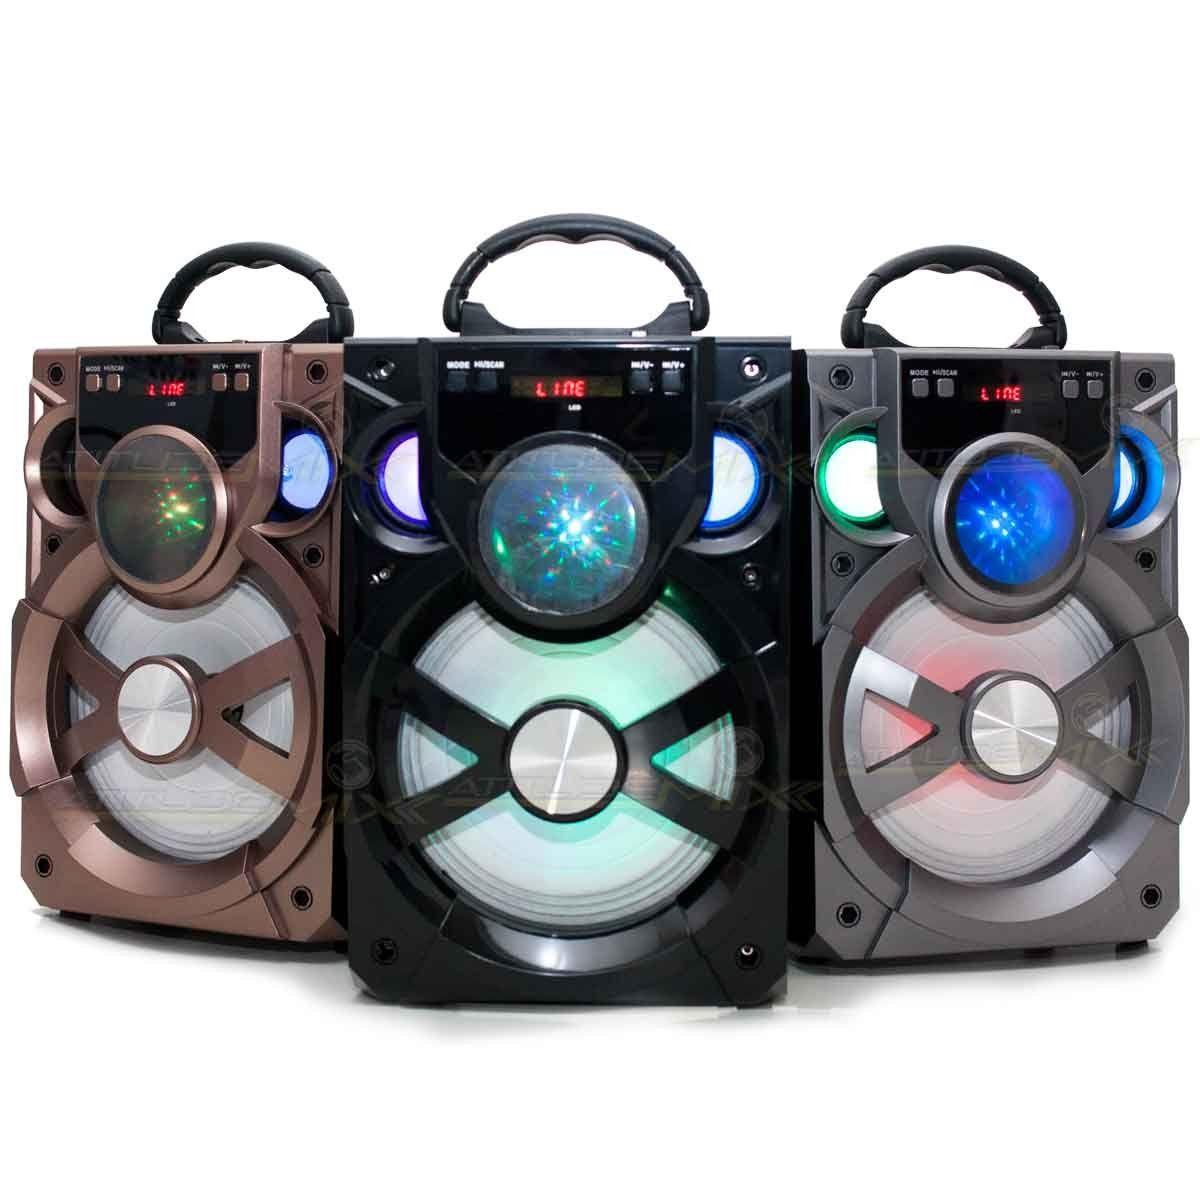 Caixa Som Amplificada Portátil Bluetooth Usb Cartão MP3